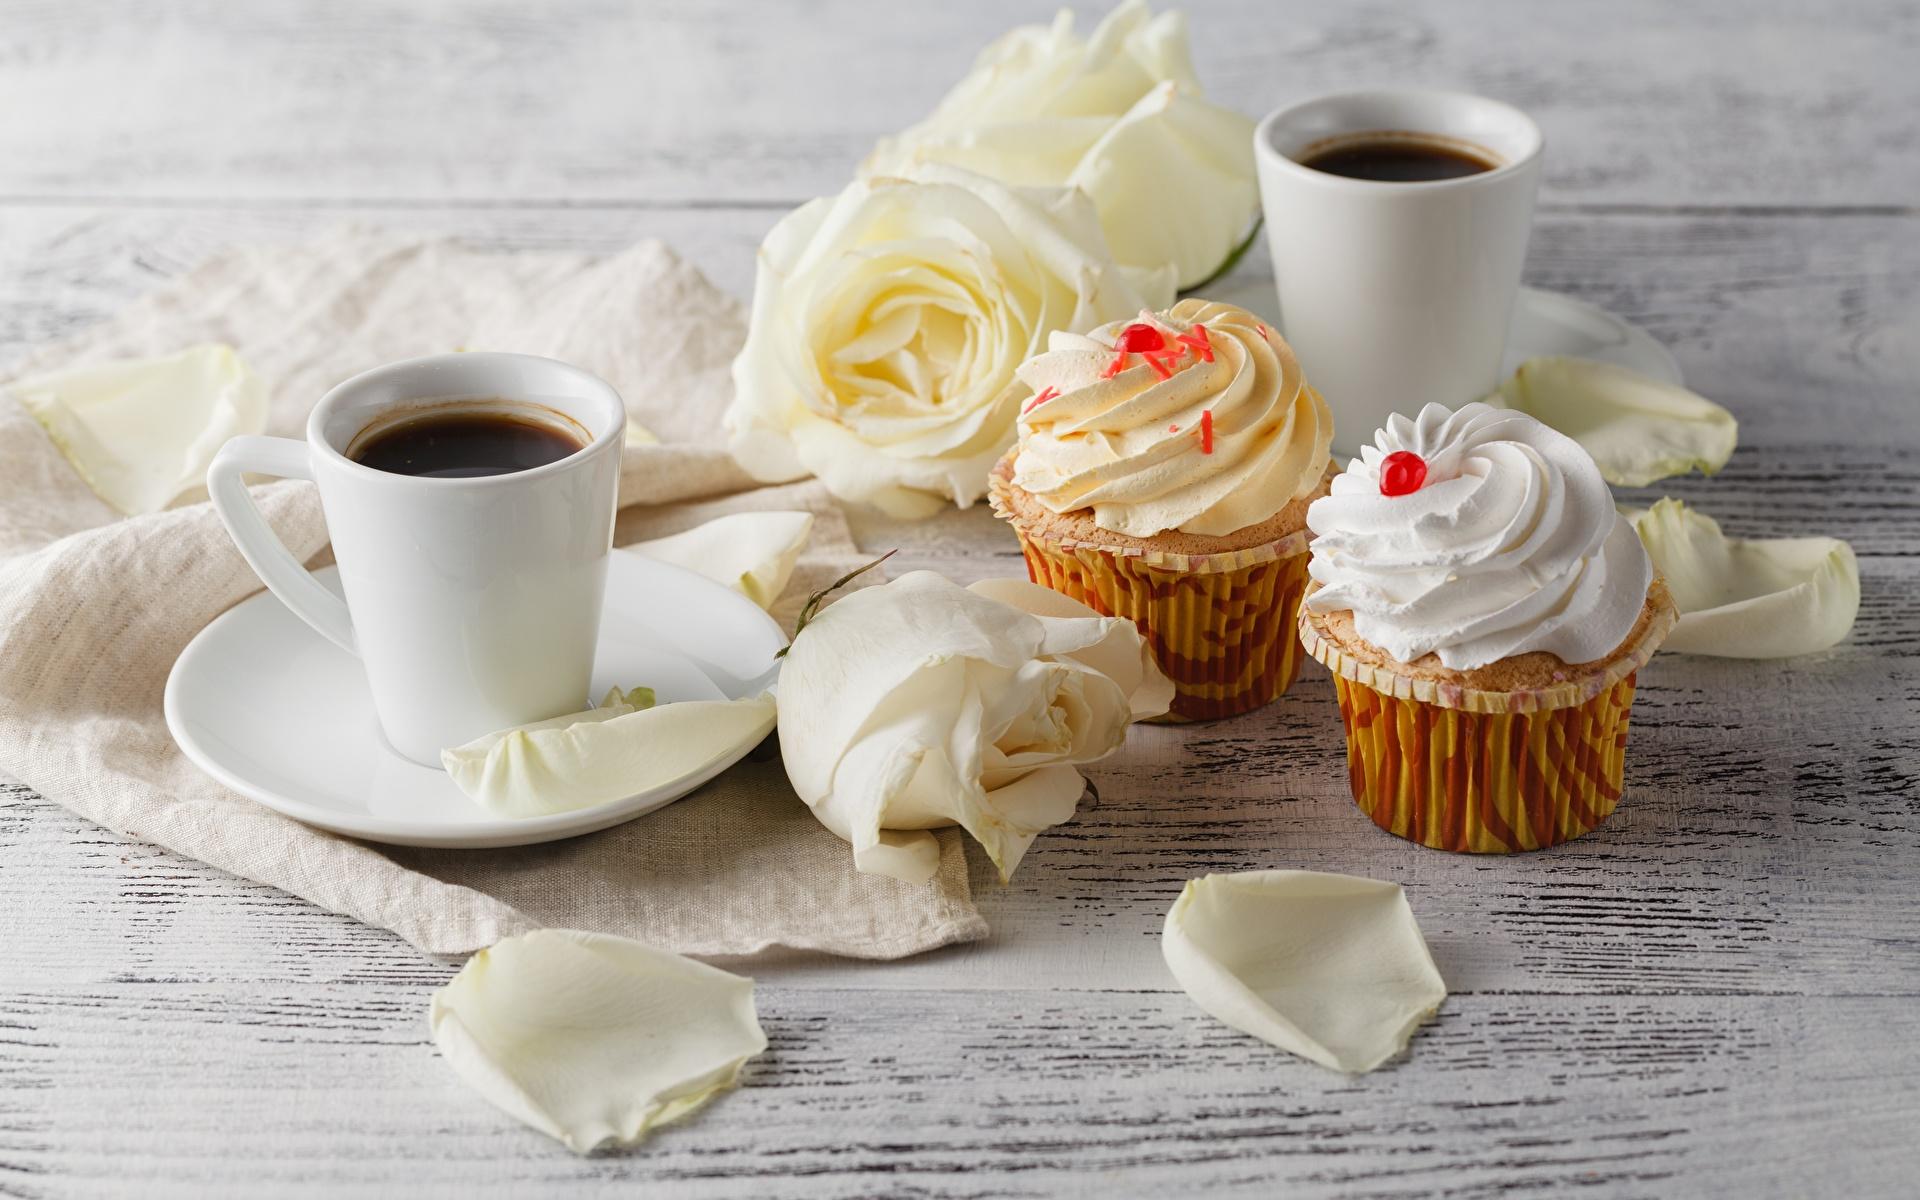 Фотографии Кофе Кекс Розы цветок Еда Кружка 1920x1200 роза Цветы Пища кружки кружке Продукты питания